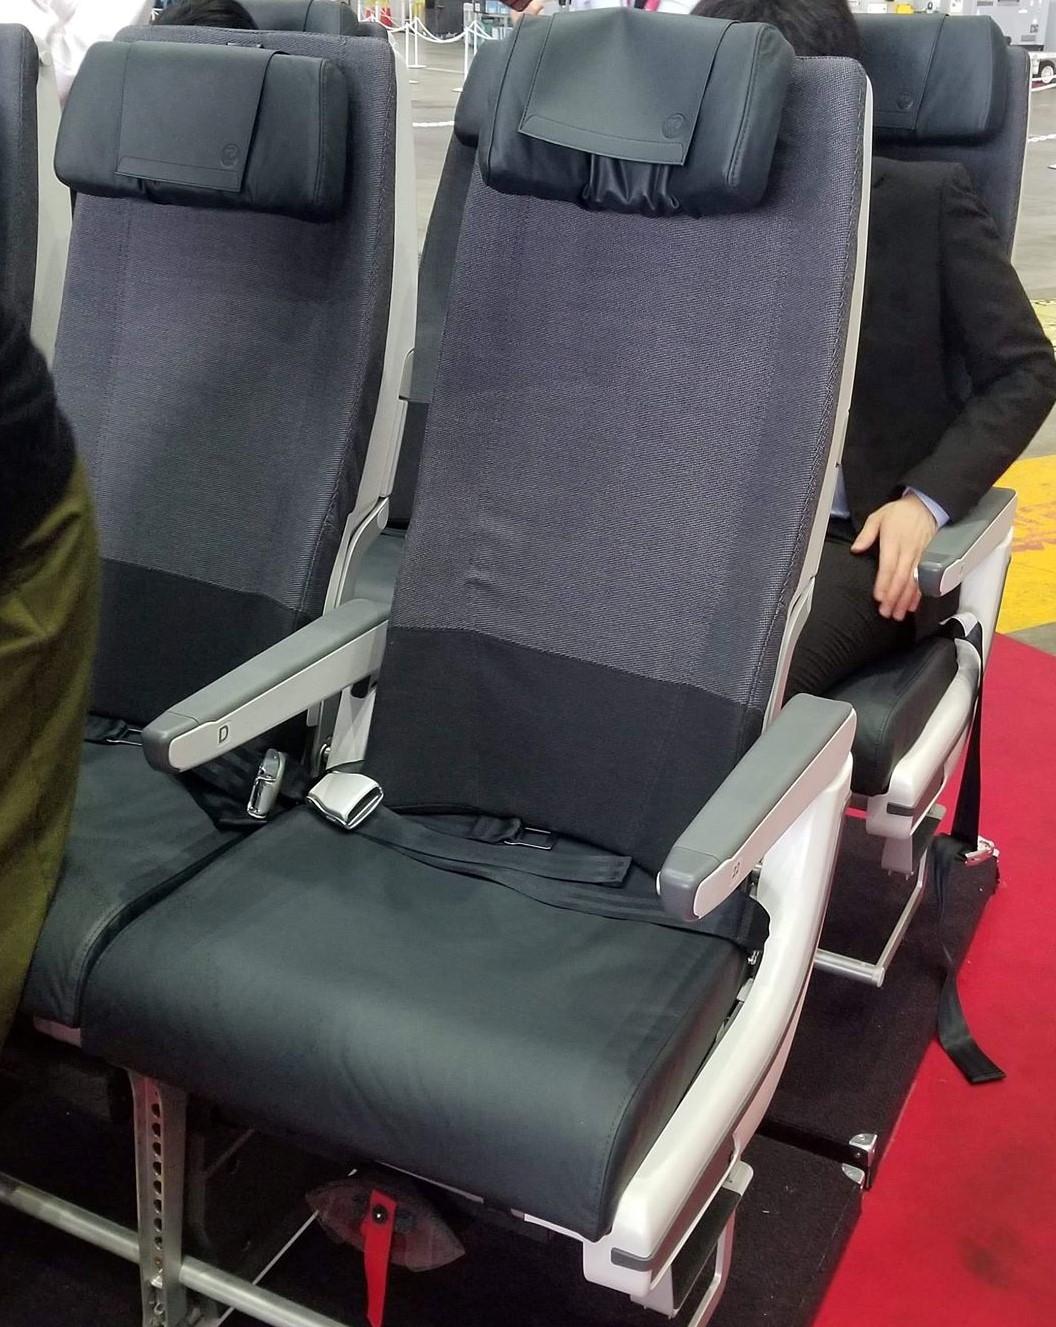 日本航空のエアバスA350-900の座席にヘッドレストがついた